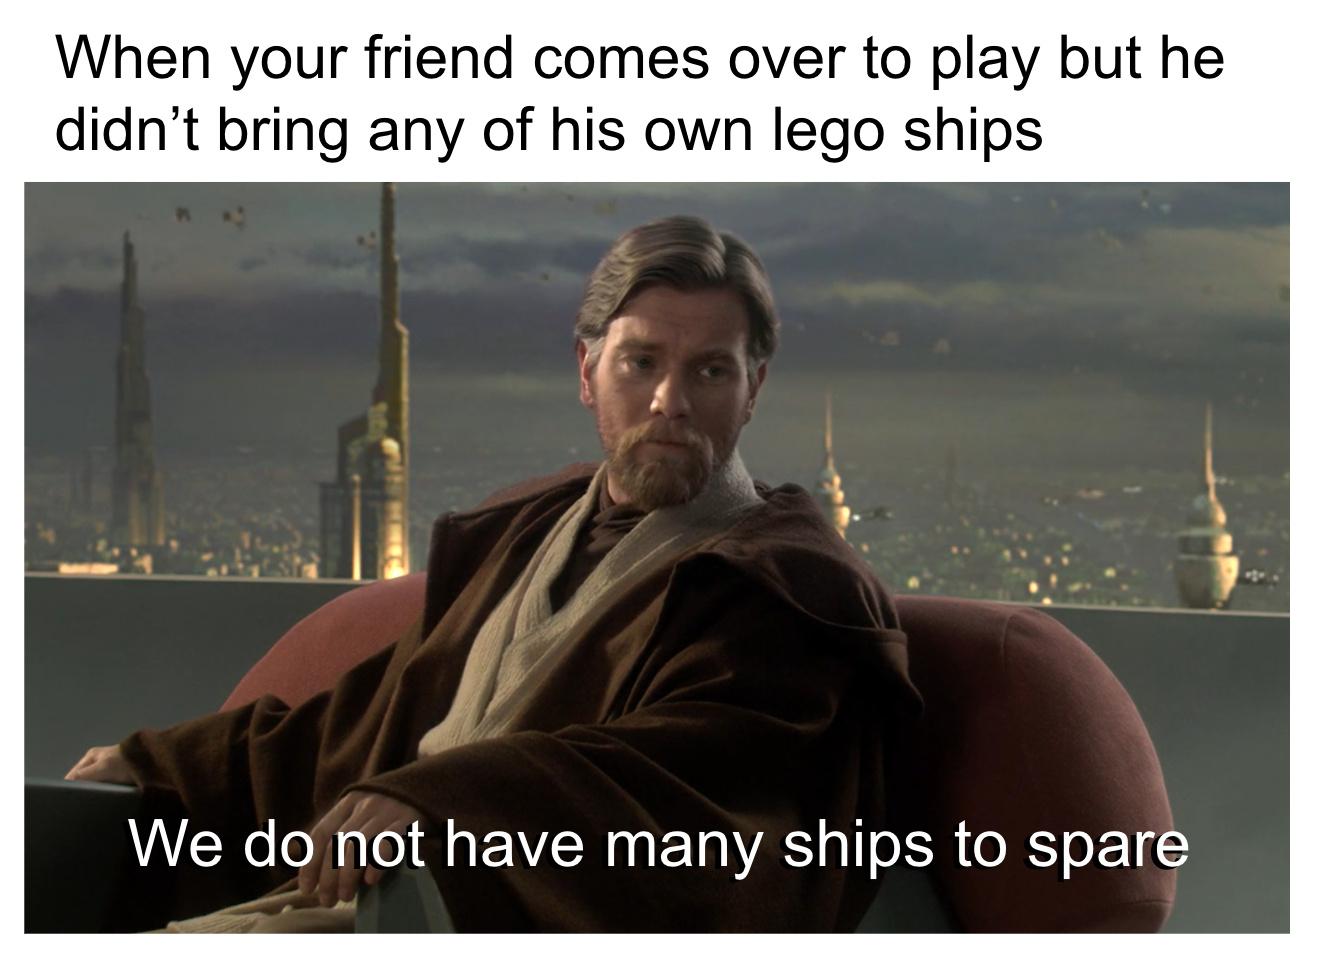 Leggo my lego - meme